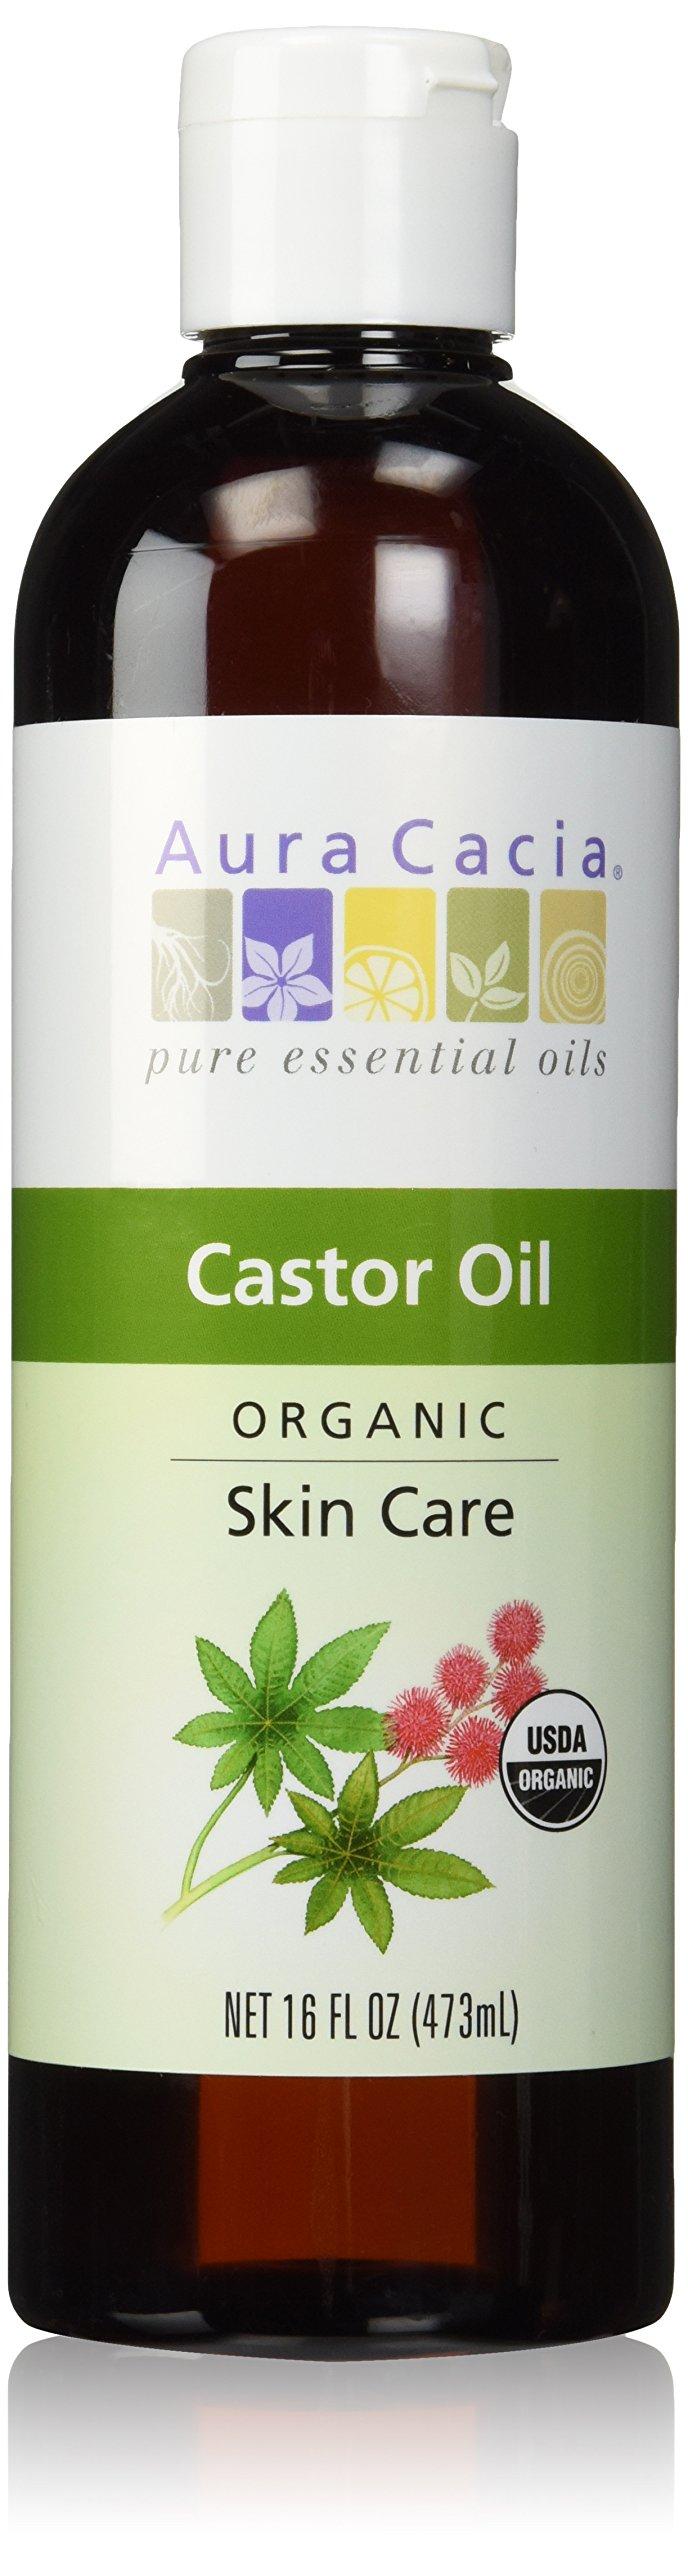 Aura Cacia Skin Care Castor Oil Org